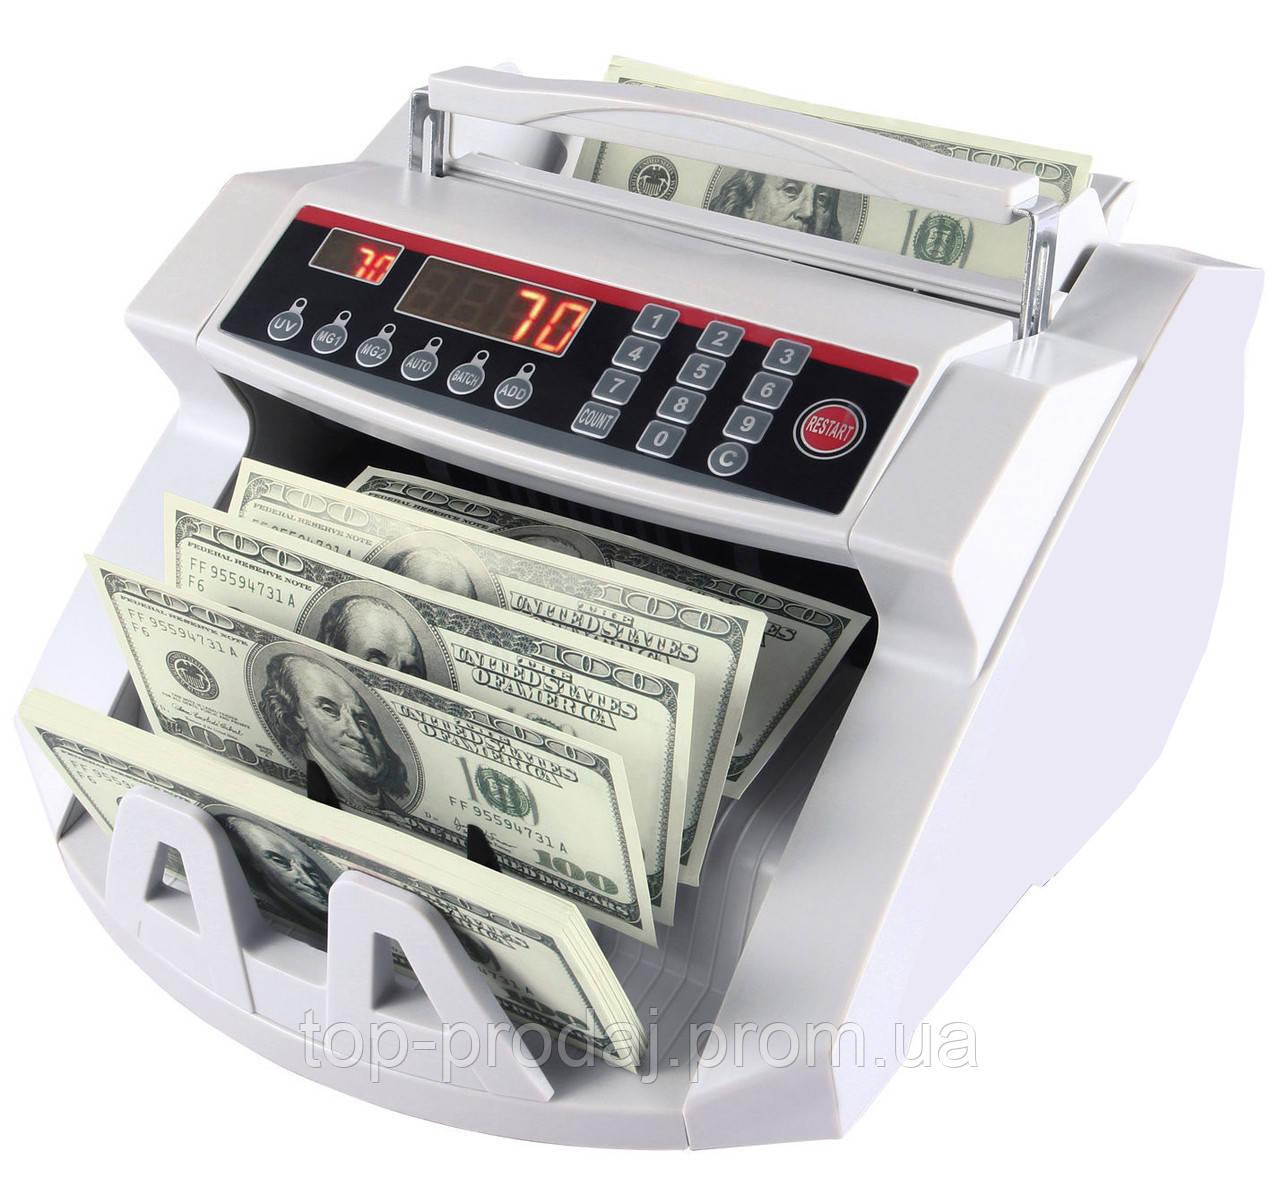 Счетная машинка + детектор валют 2108,  Денежно-счетная машинка, Счетная машинка для купюр, Счетчик валют